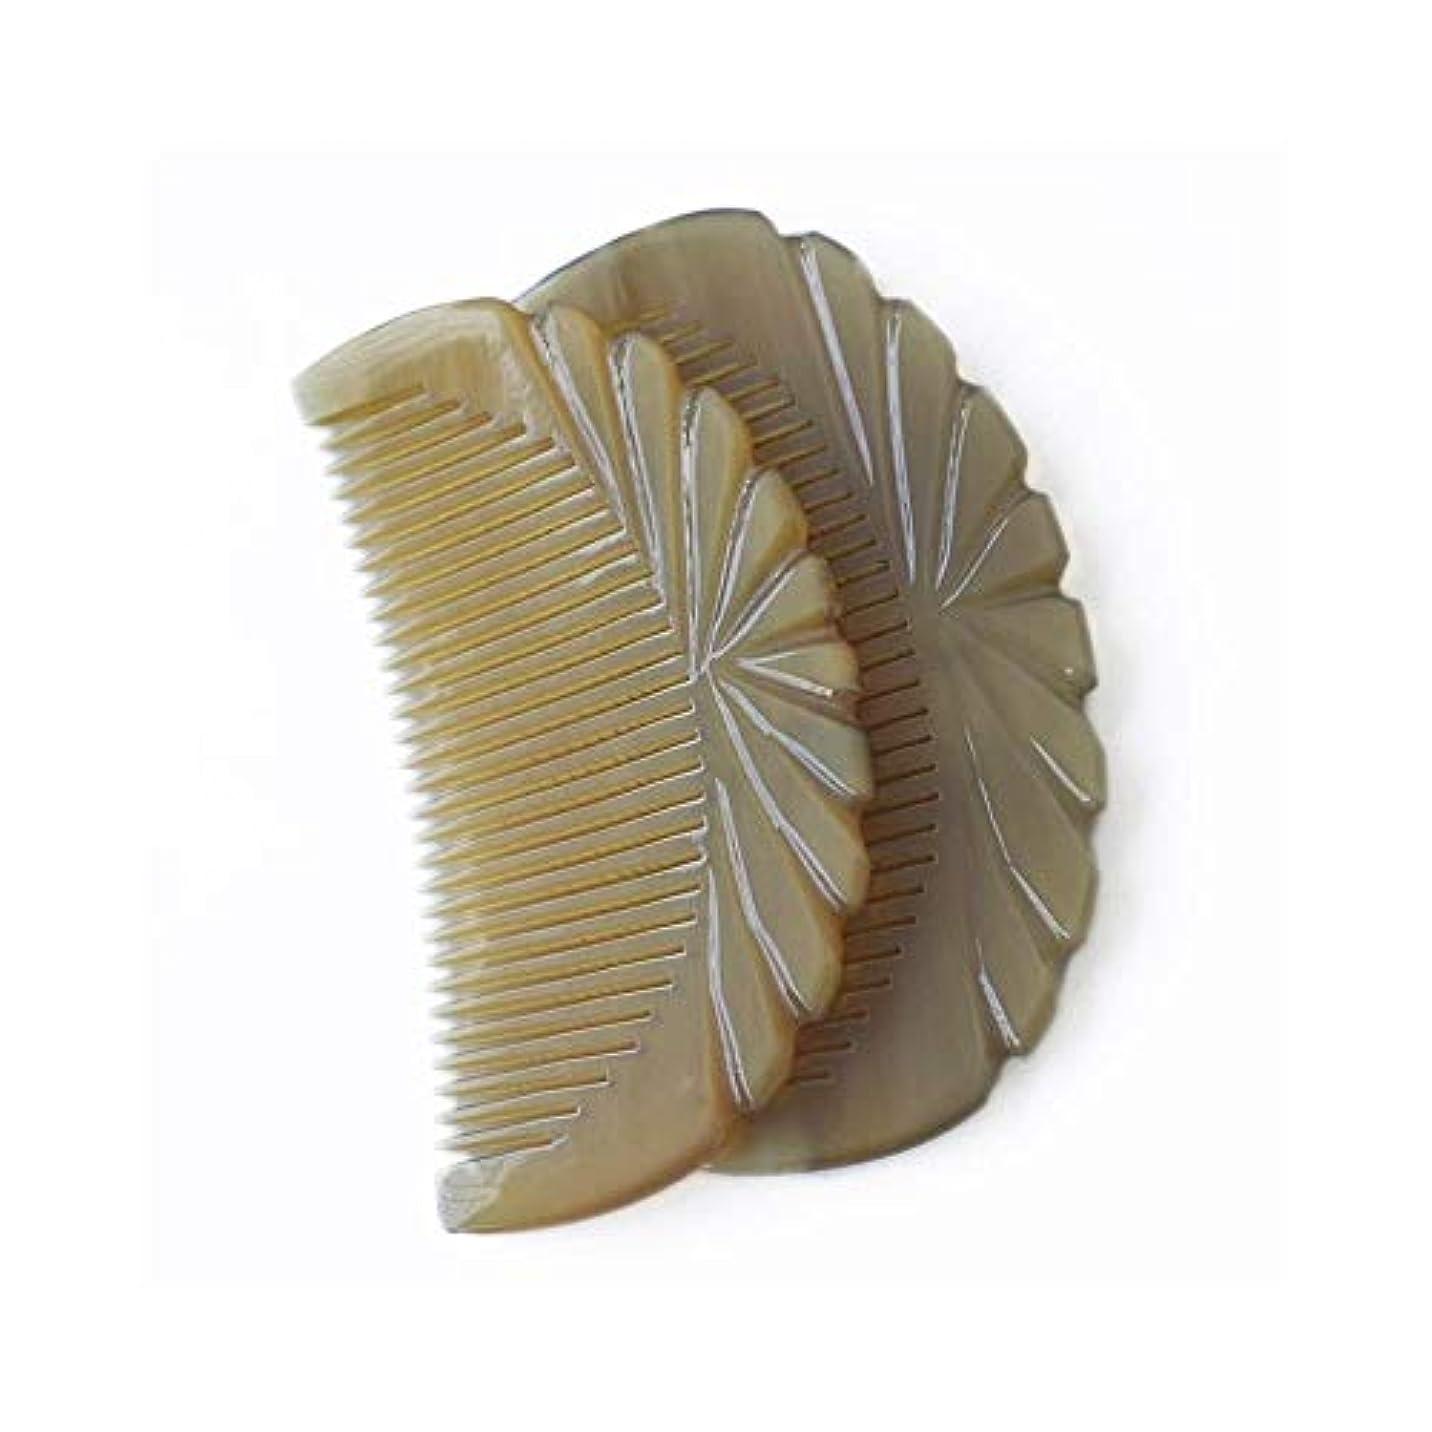 モードリン刺激する繊毛Fashian天然木製くし髪 - もつれ解除とスタイリングウェットまたはドライカーリー、太い、波状、またはストレートヘアナチュラルアンチスタティックウッド ヘアケア